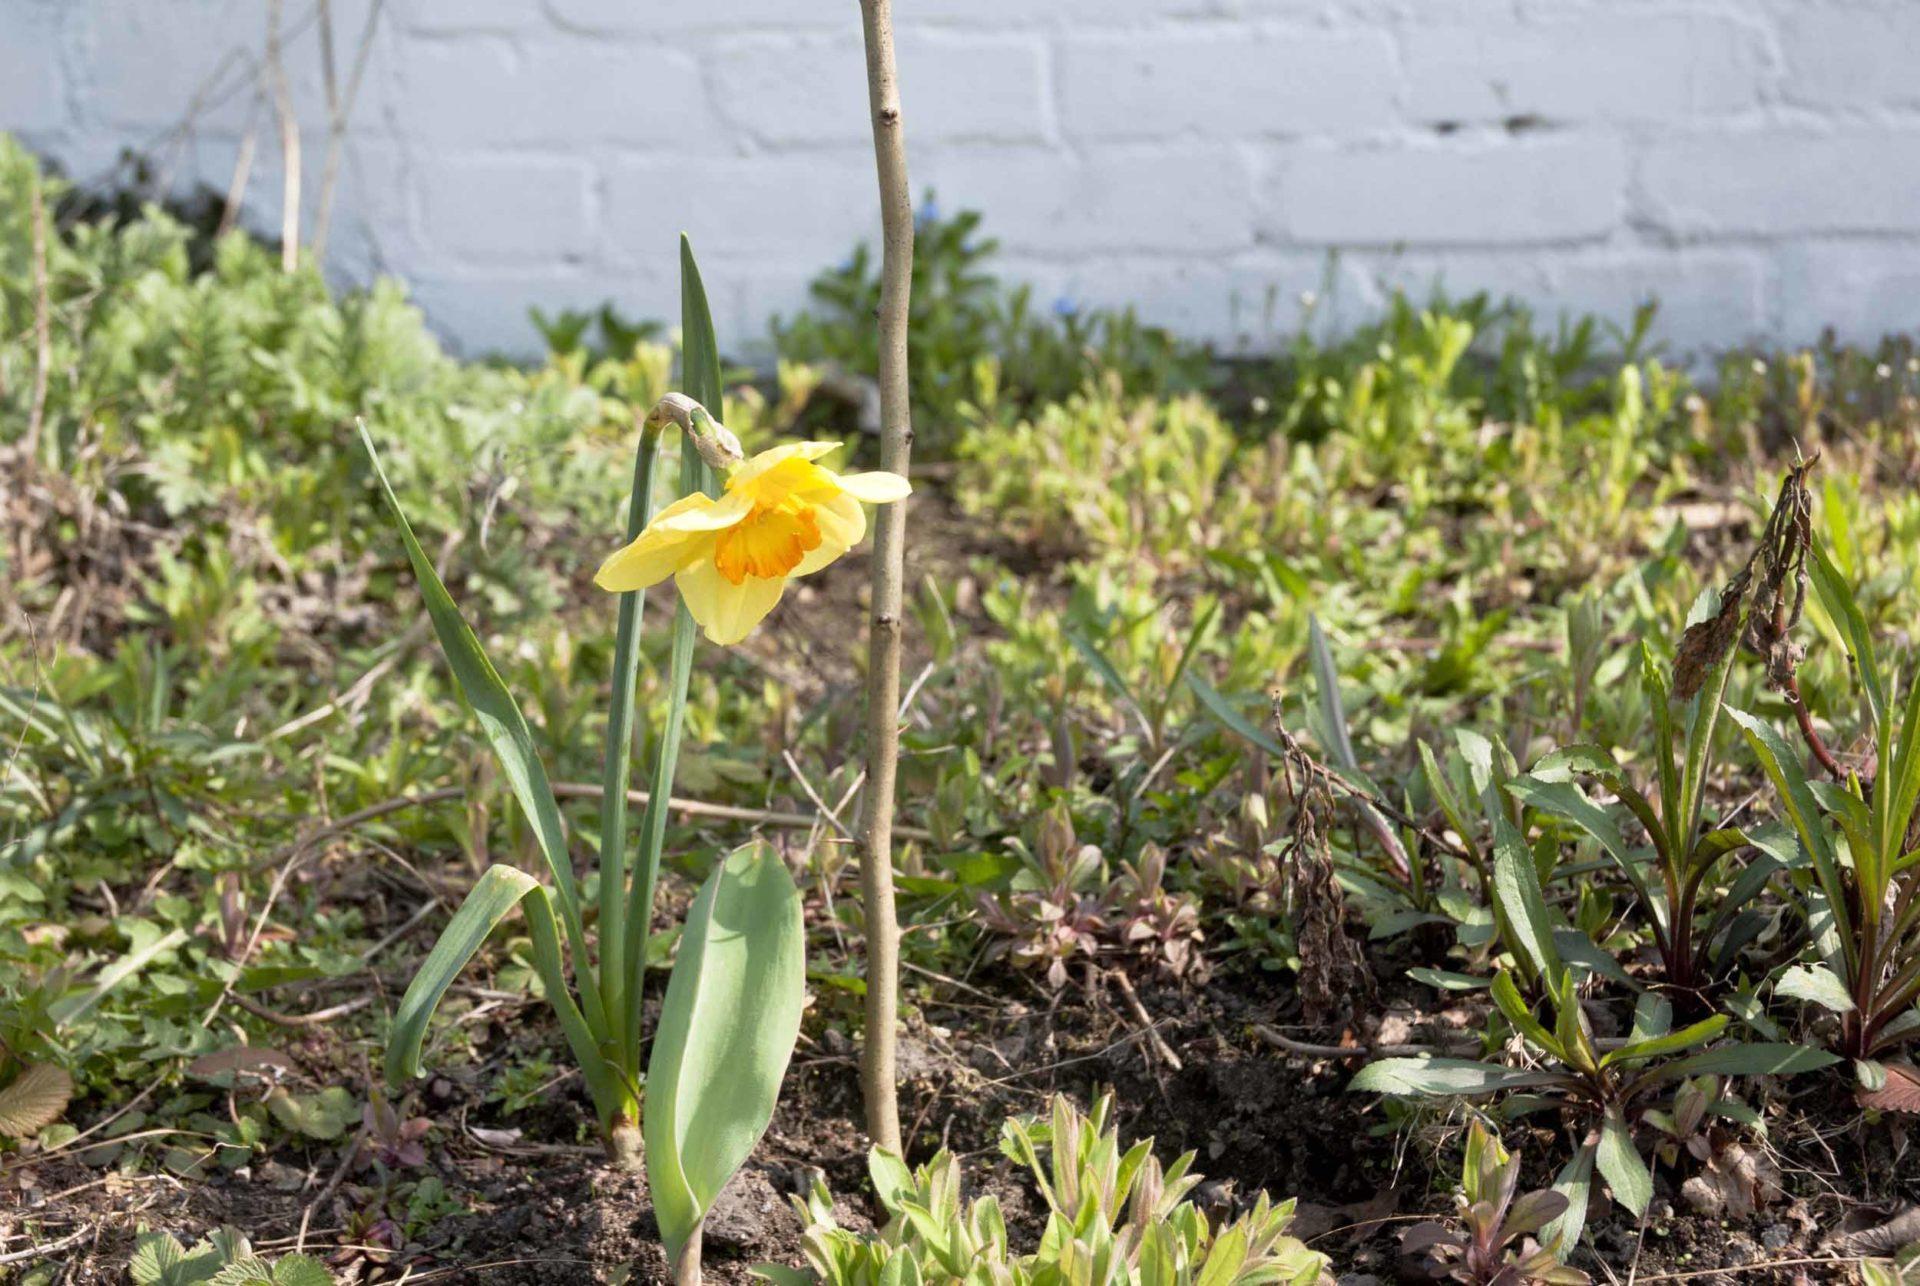 Frühlingsanfang: eine Narzisse blüht in einem Beet.